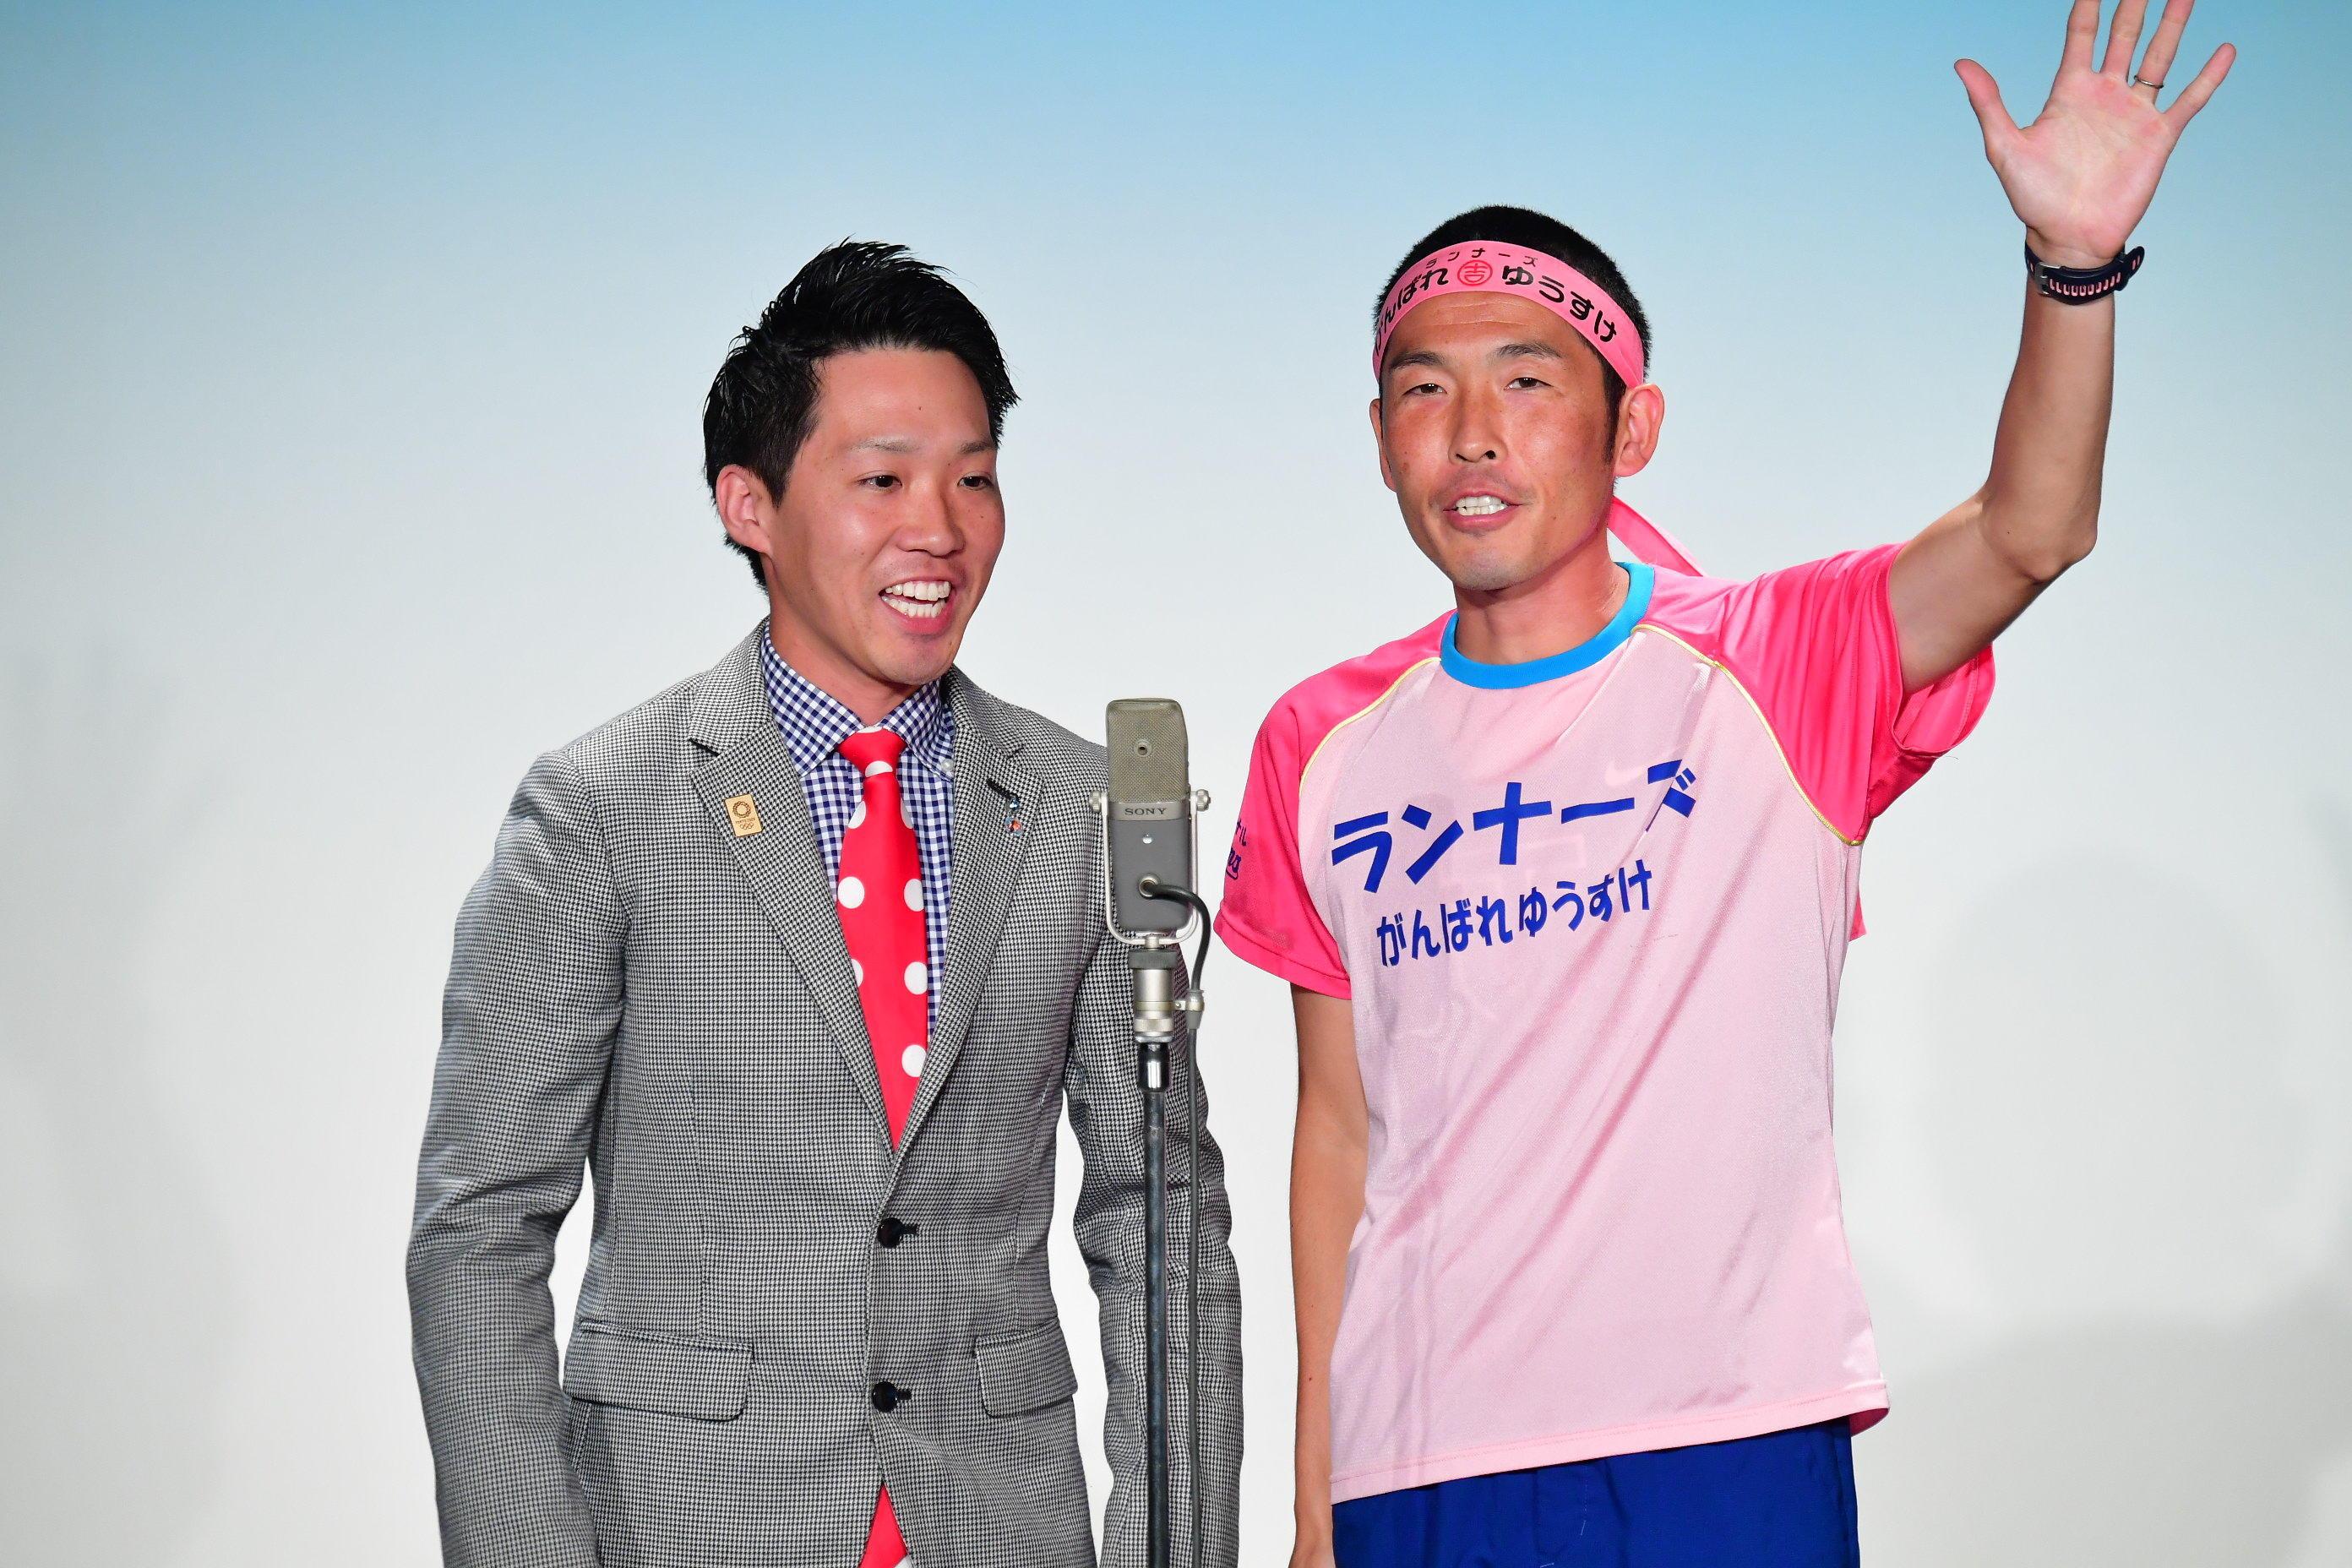 http://news.yoshimoto.co.jp/20181030225305-47403d74e105b8463ceec97225c4ee8f1350b5ba.jpg